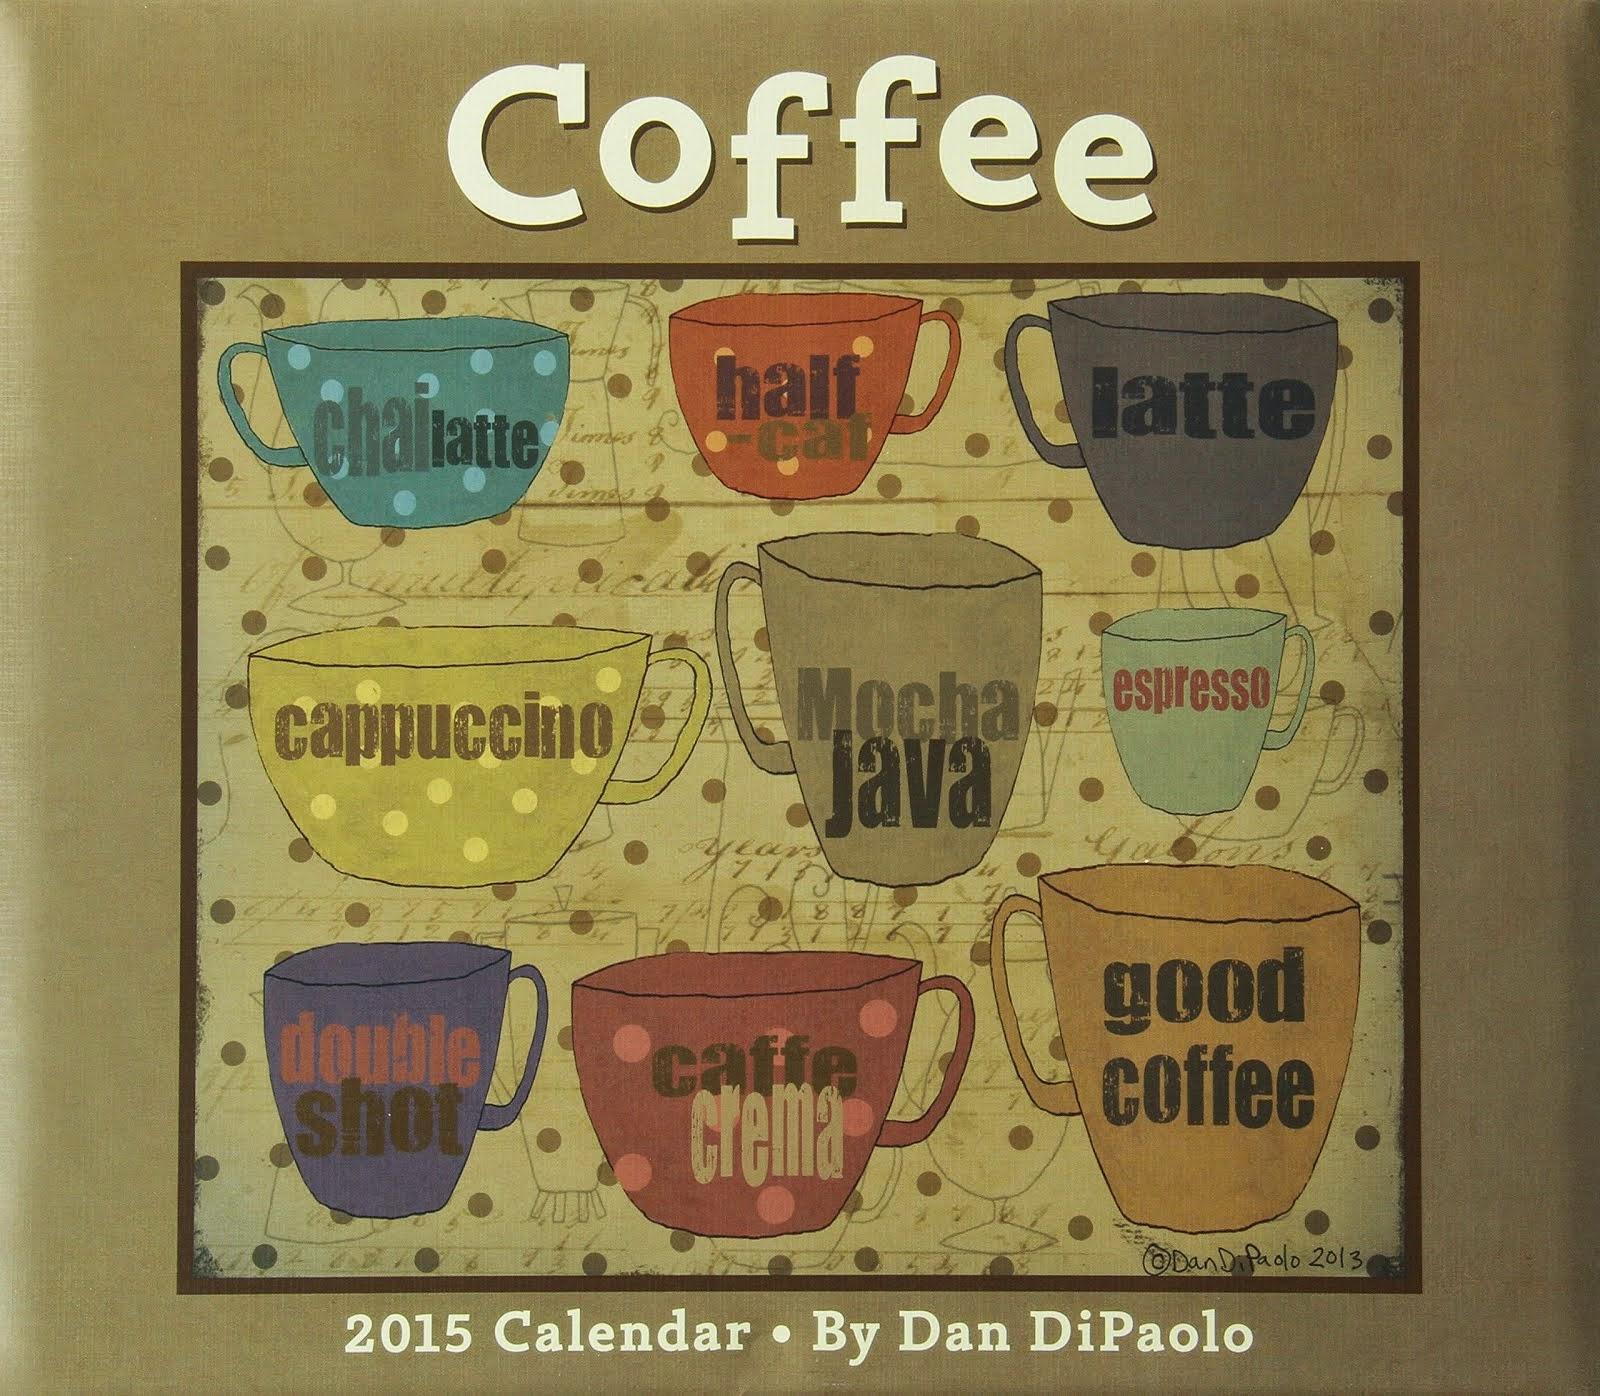 2015 Coffee Calendar